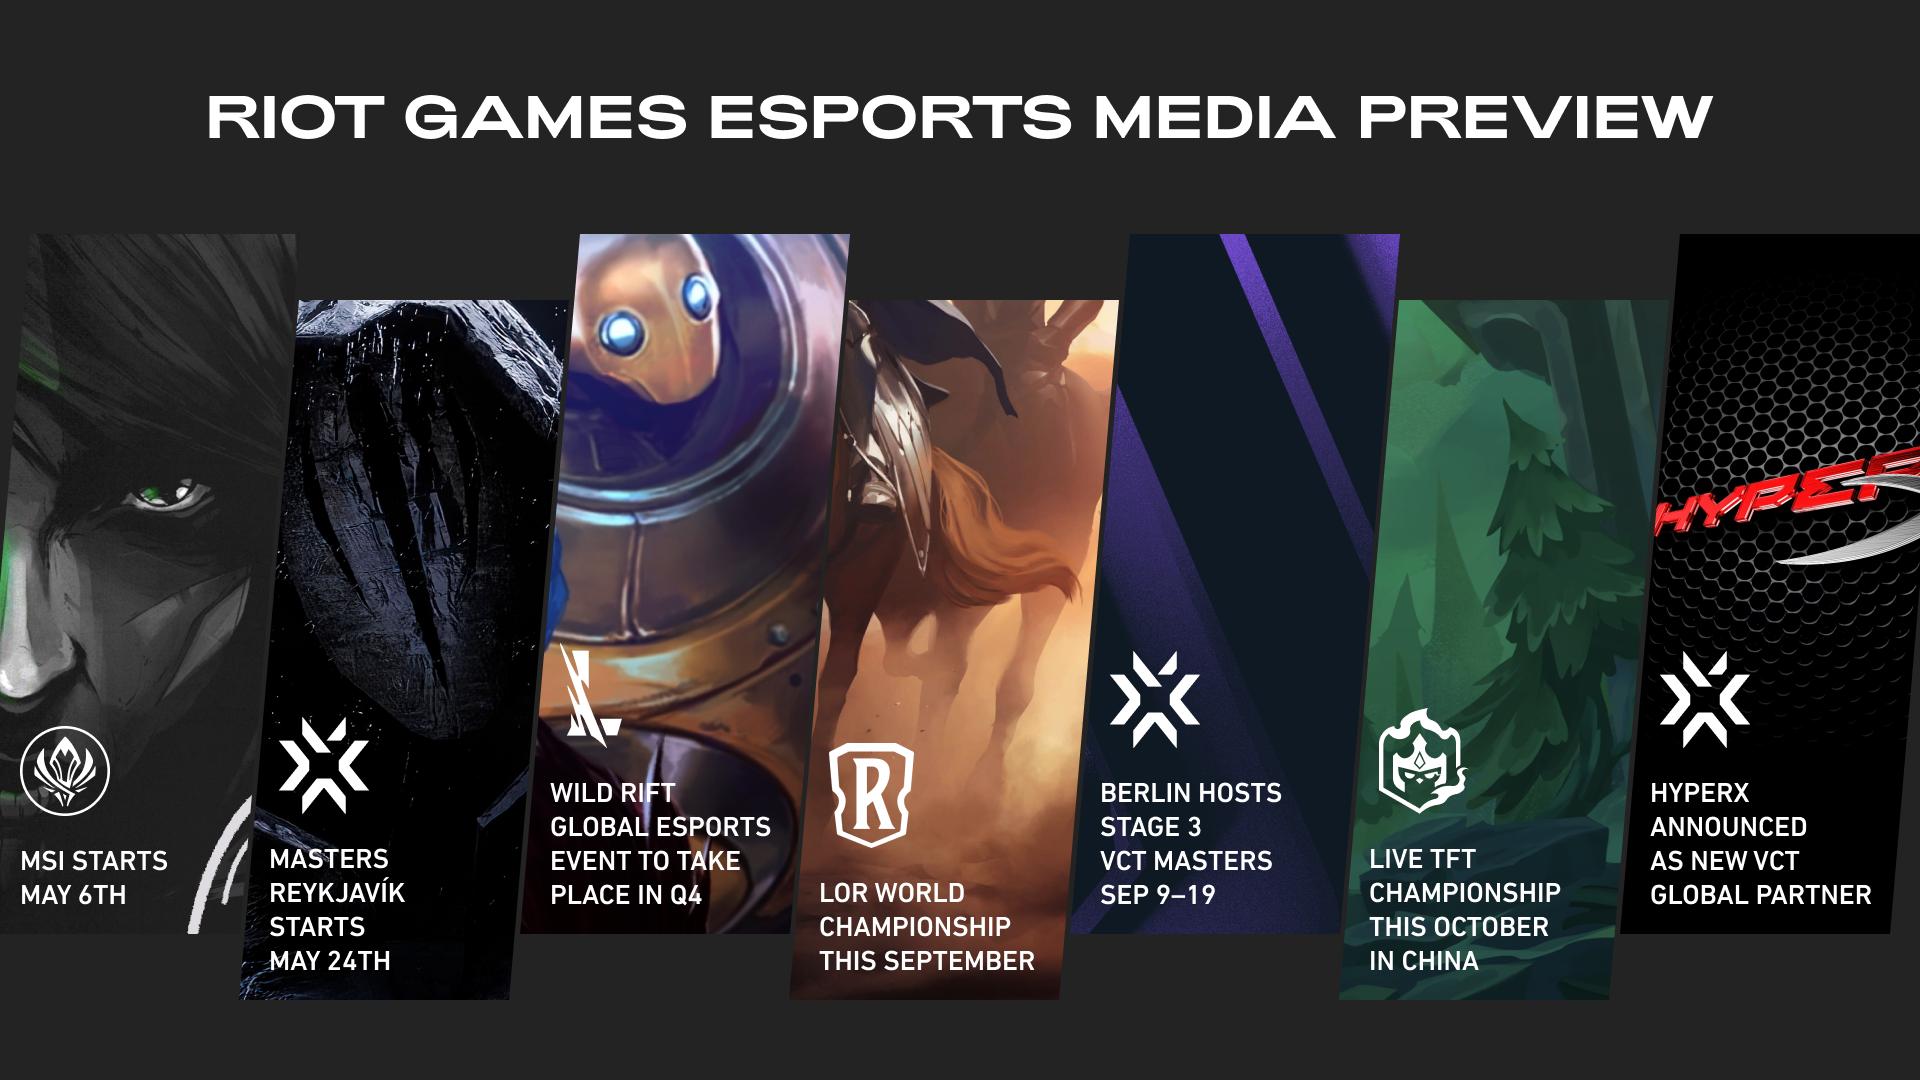 Riot Games Esports Media Preview